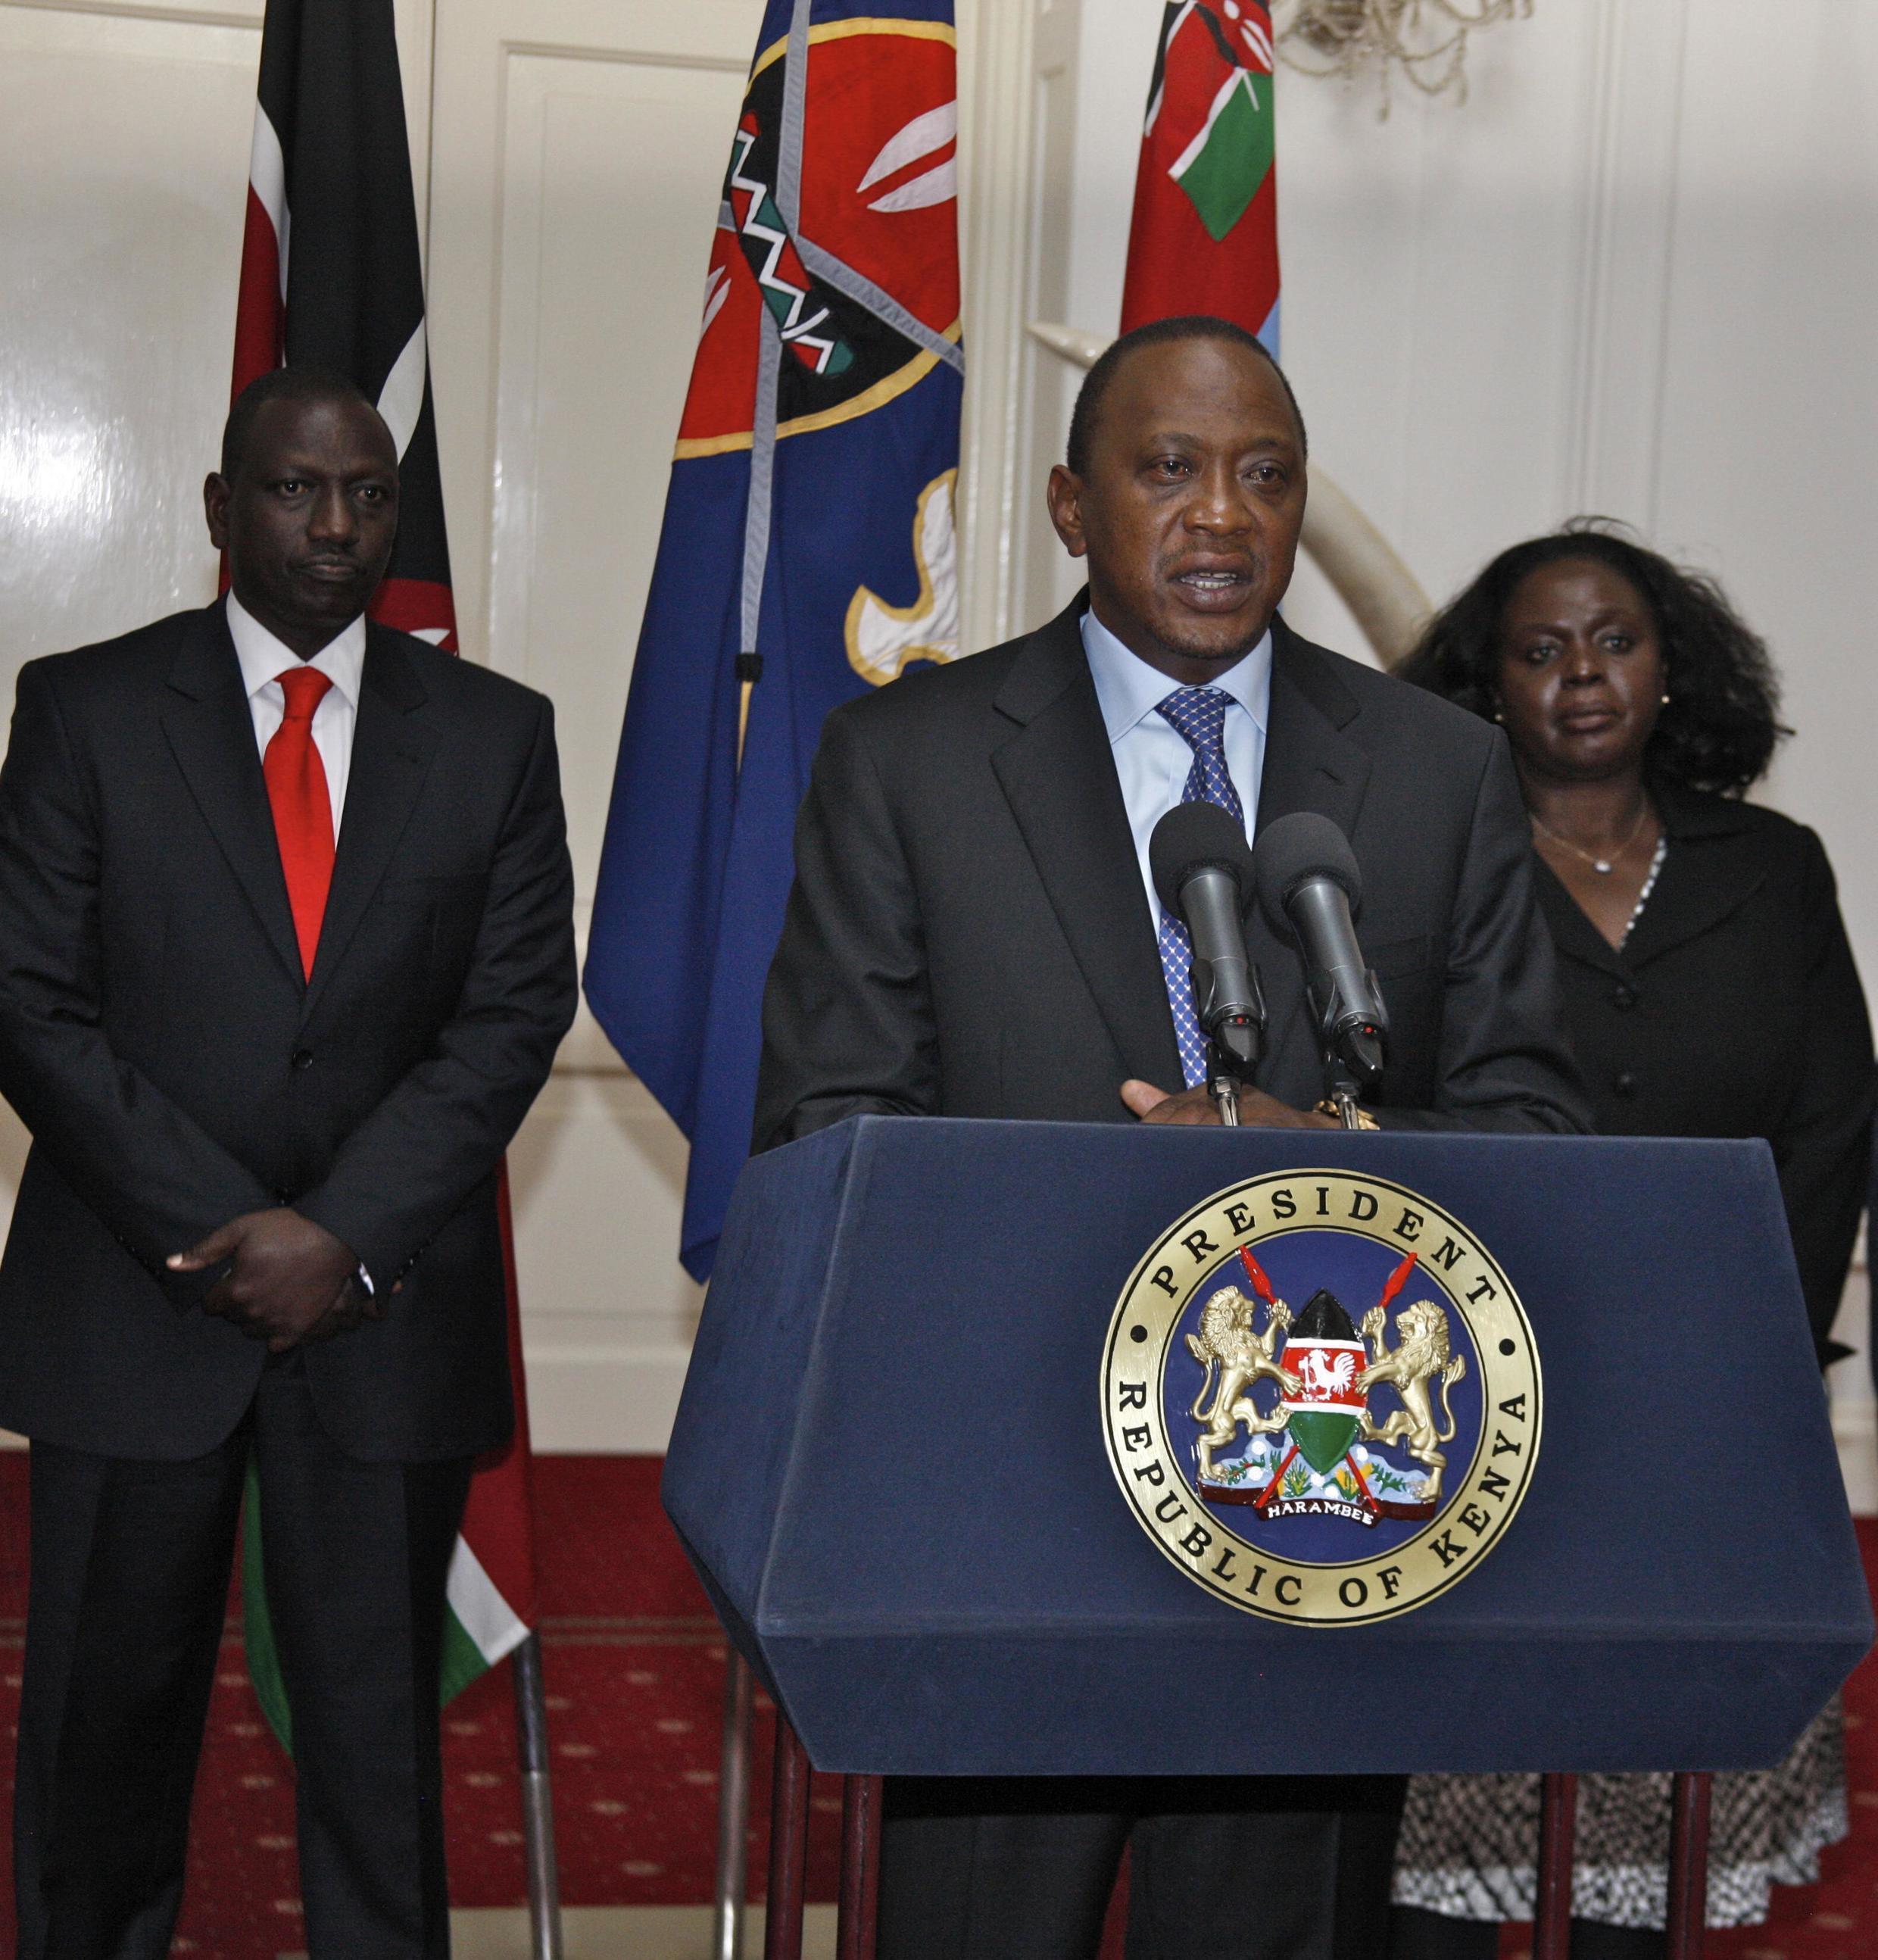 El presidente keniano Uhuru Kenyatta anunciando el fin de las operaciones en el centro comercial, Nairobi 24 de septiembre de 2013.